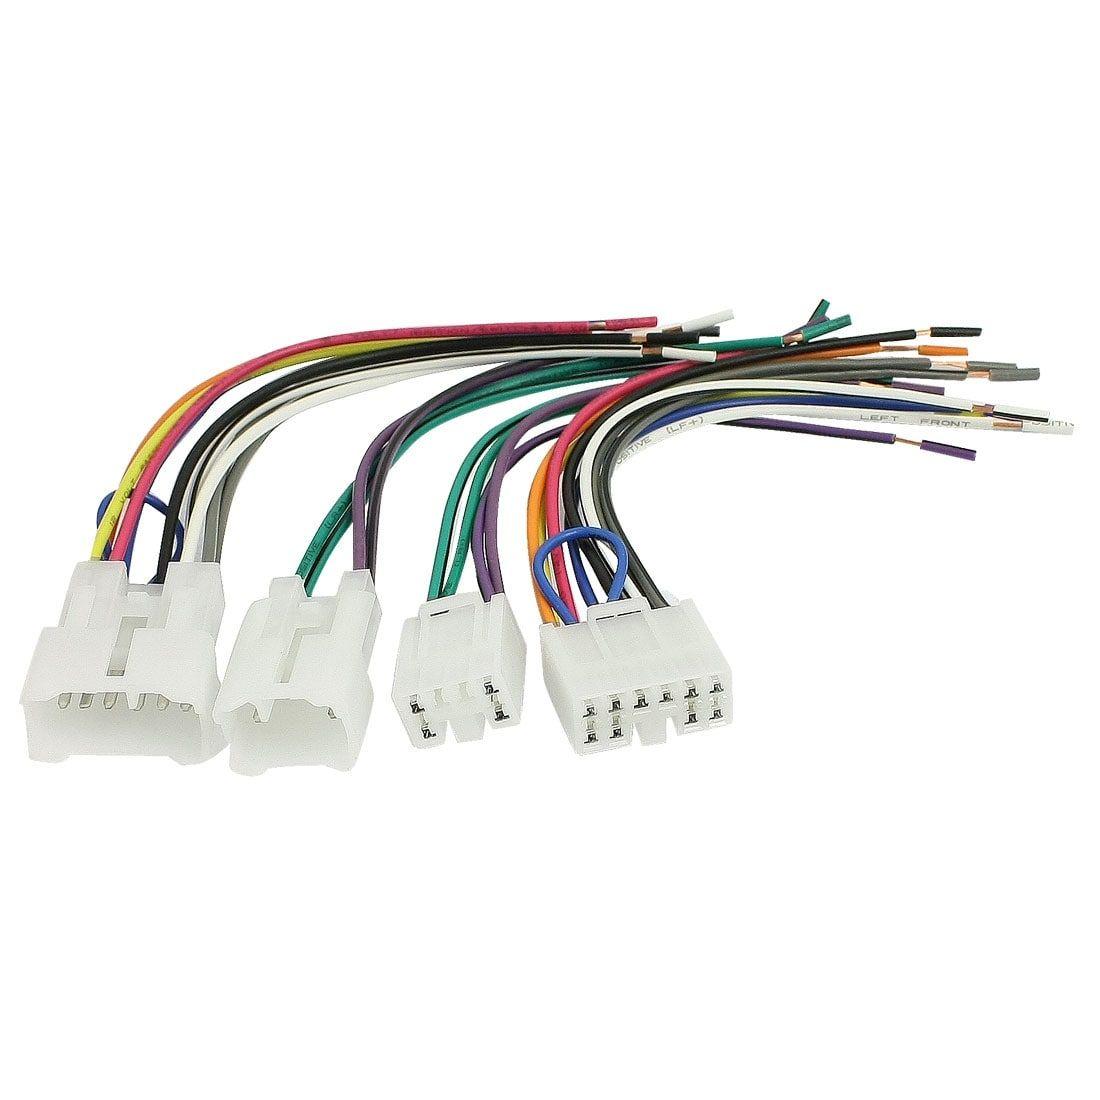 unique bargains unique bargains 4 pcs car dvd gps wire wiring harness set for toyota corolla crown camey [ 1100 x 1100 Pixel ]